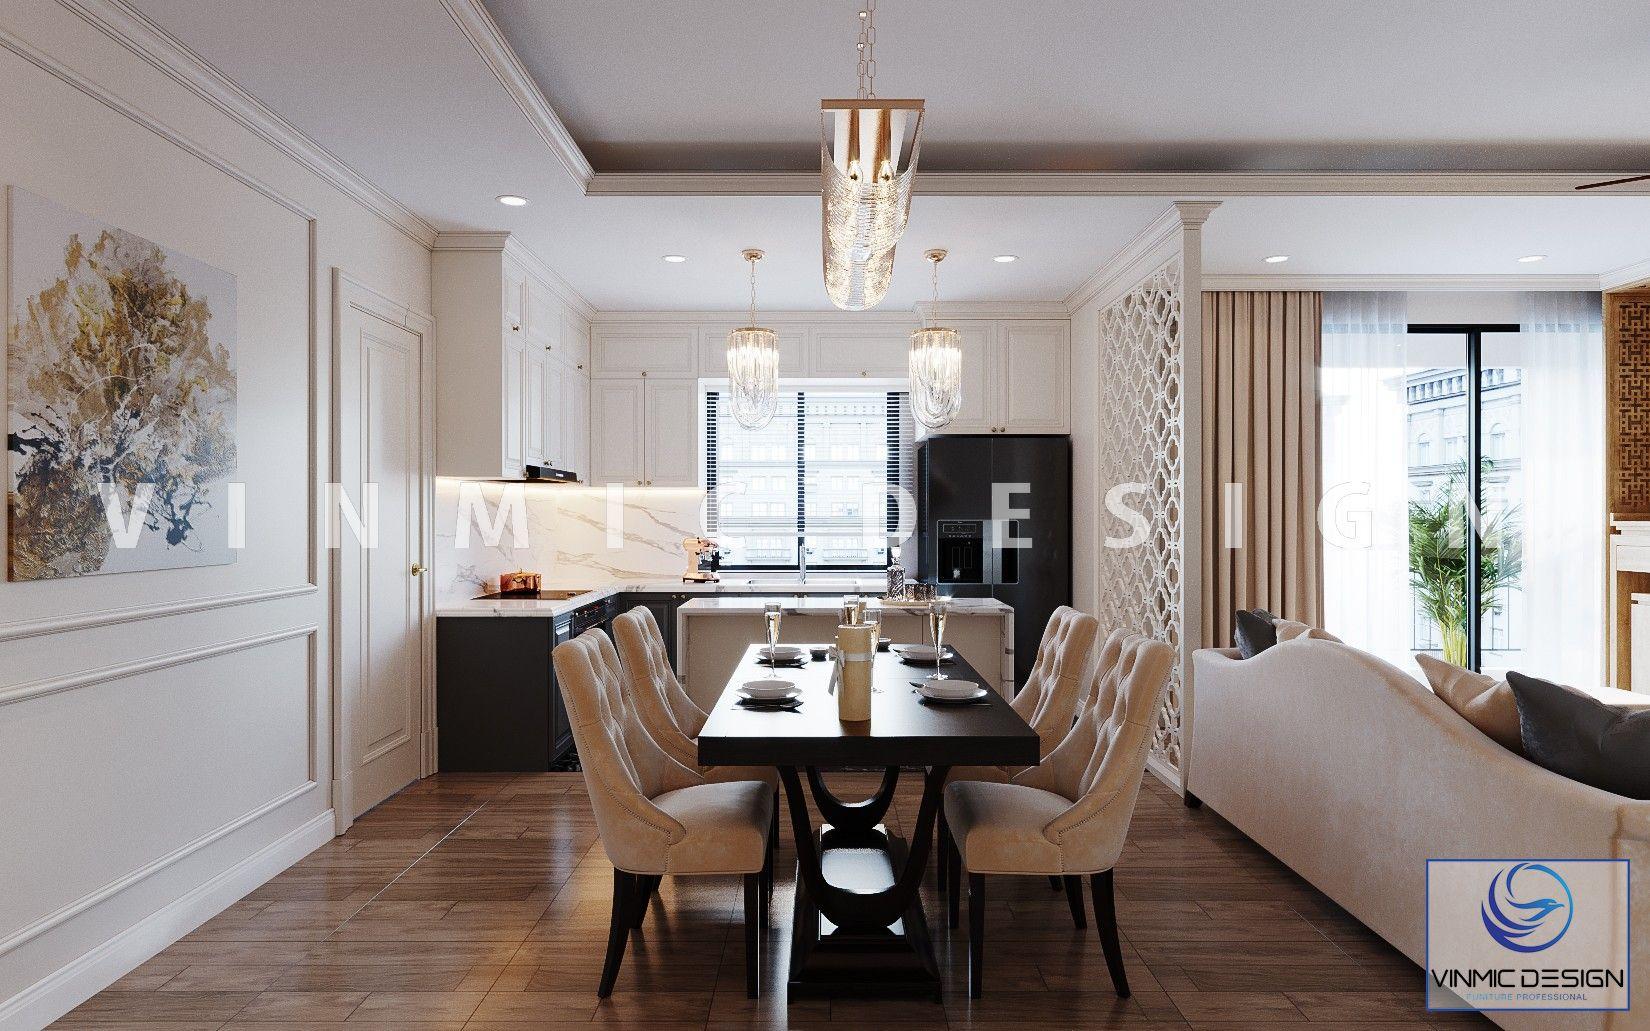 Bộ bàn ghế phong cách tân cổ điển cho những bữa cơm ngon hơn tại chung cư Imperia Sky Garden